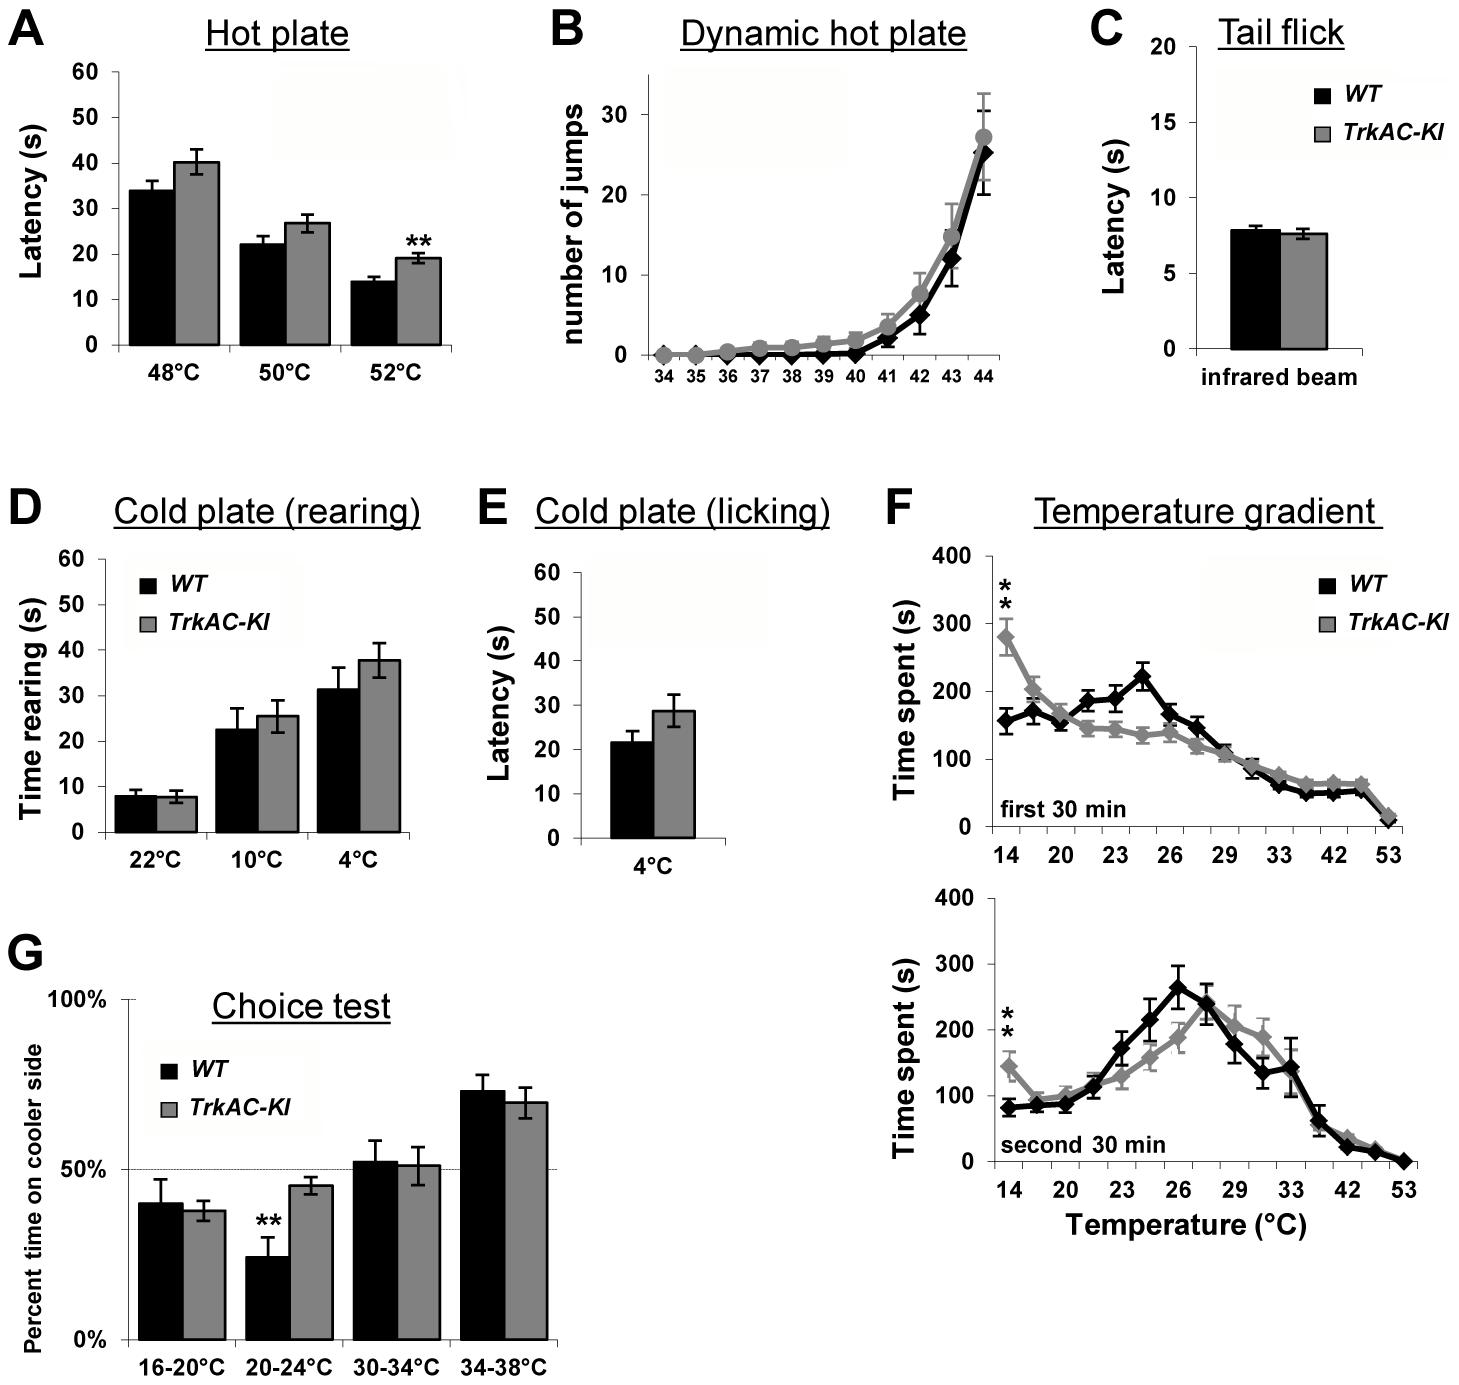 Abnormal temperature sensitivity in <i>TrkAC-KI</i> mice.